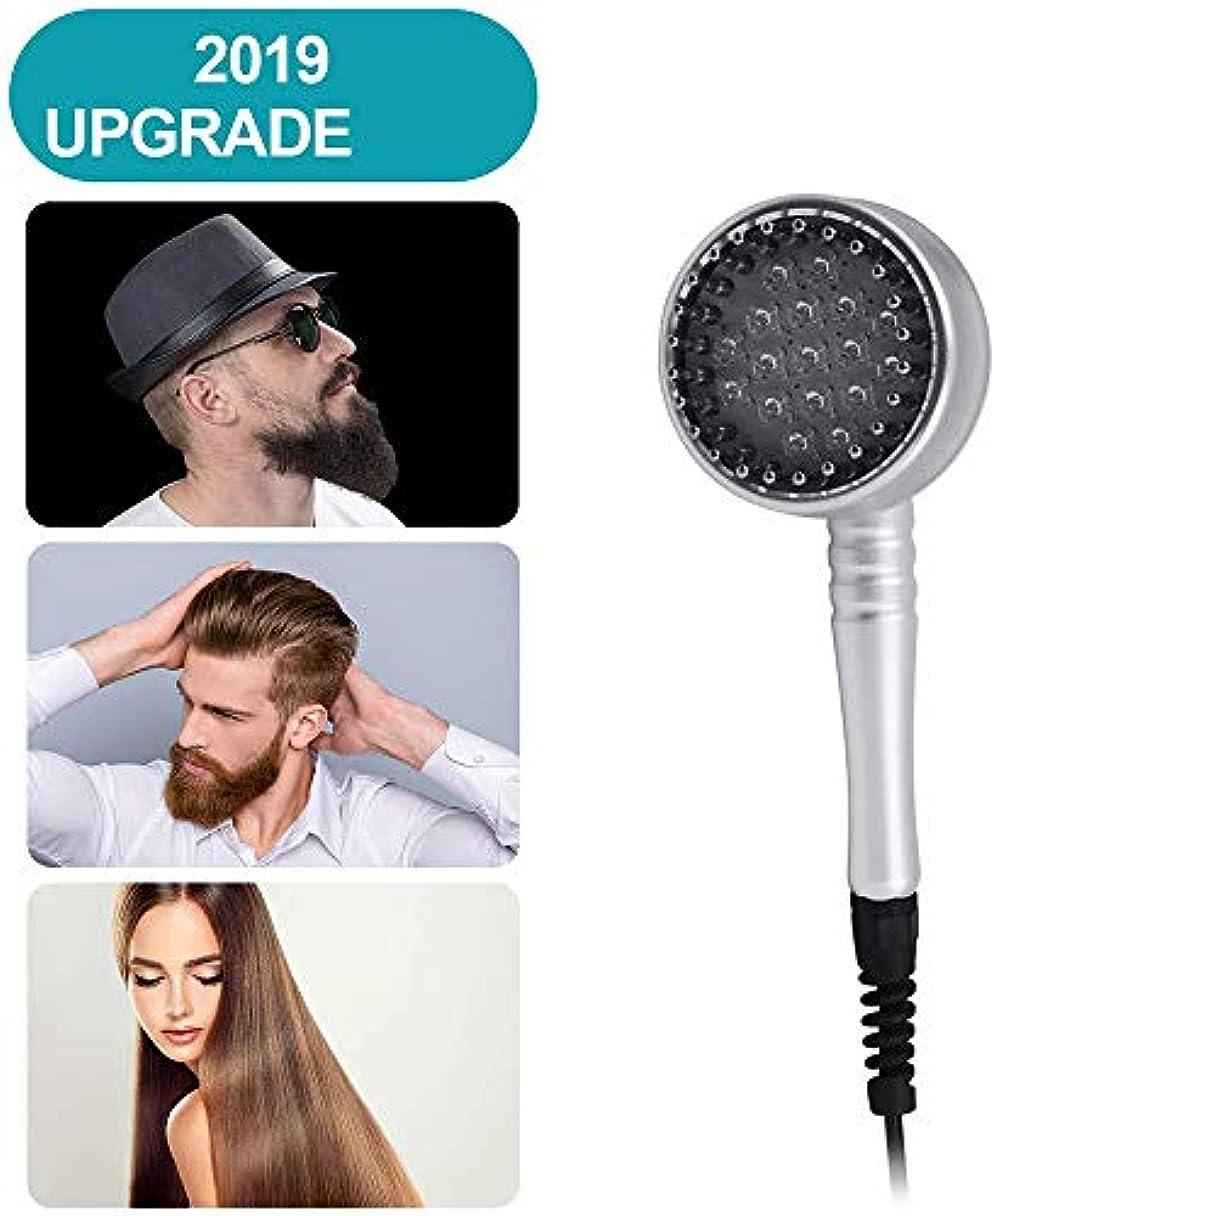 定義潮ジョットディボンドン毛の成長くし、男性&女性のための赤外光や振動セラピー、再成長髪のマッサージブラシ付き電動発毛くし